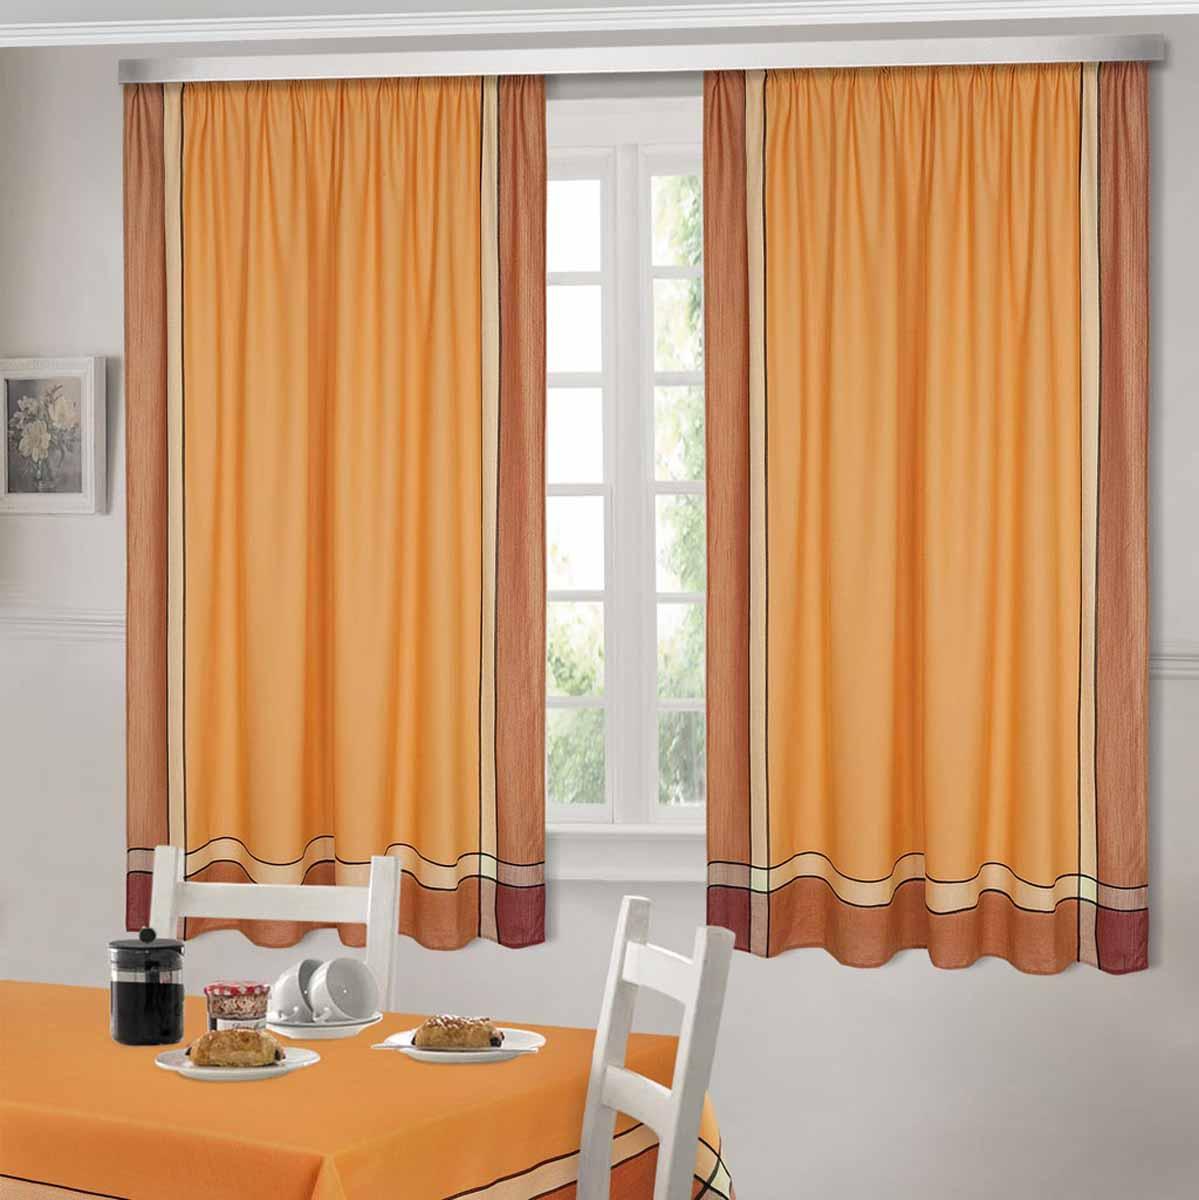 Комплект штор ТД Текстиль Шик, на ленте, цвет: оранжевый, высота 180 см92307Шторы выполнены из искусственной ткани под лен. Цвета в ассортименте. В наличии присутствуют скатерти из этой же ткани в двух размерах.